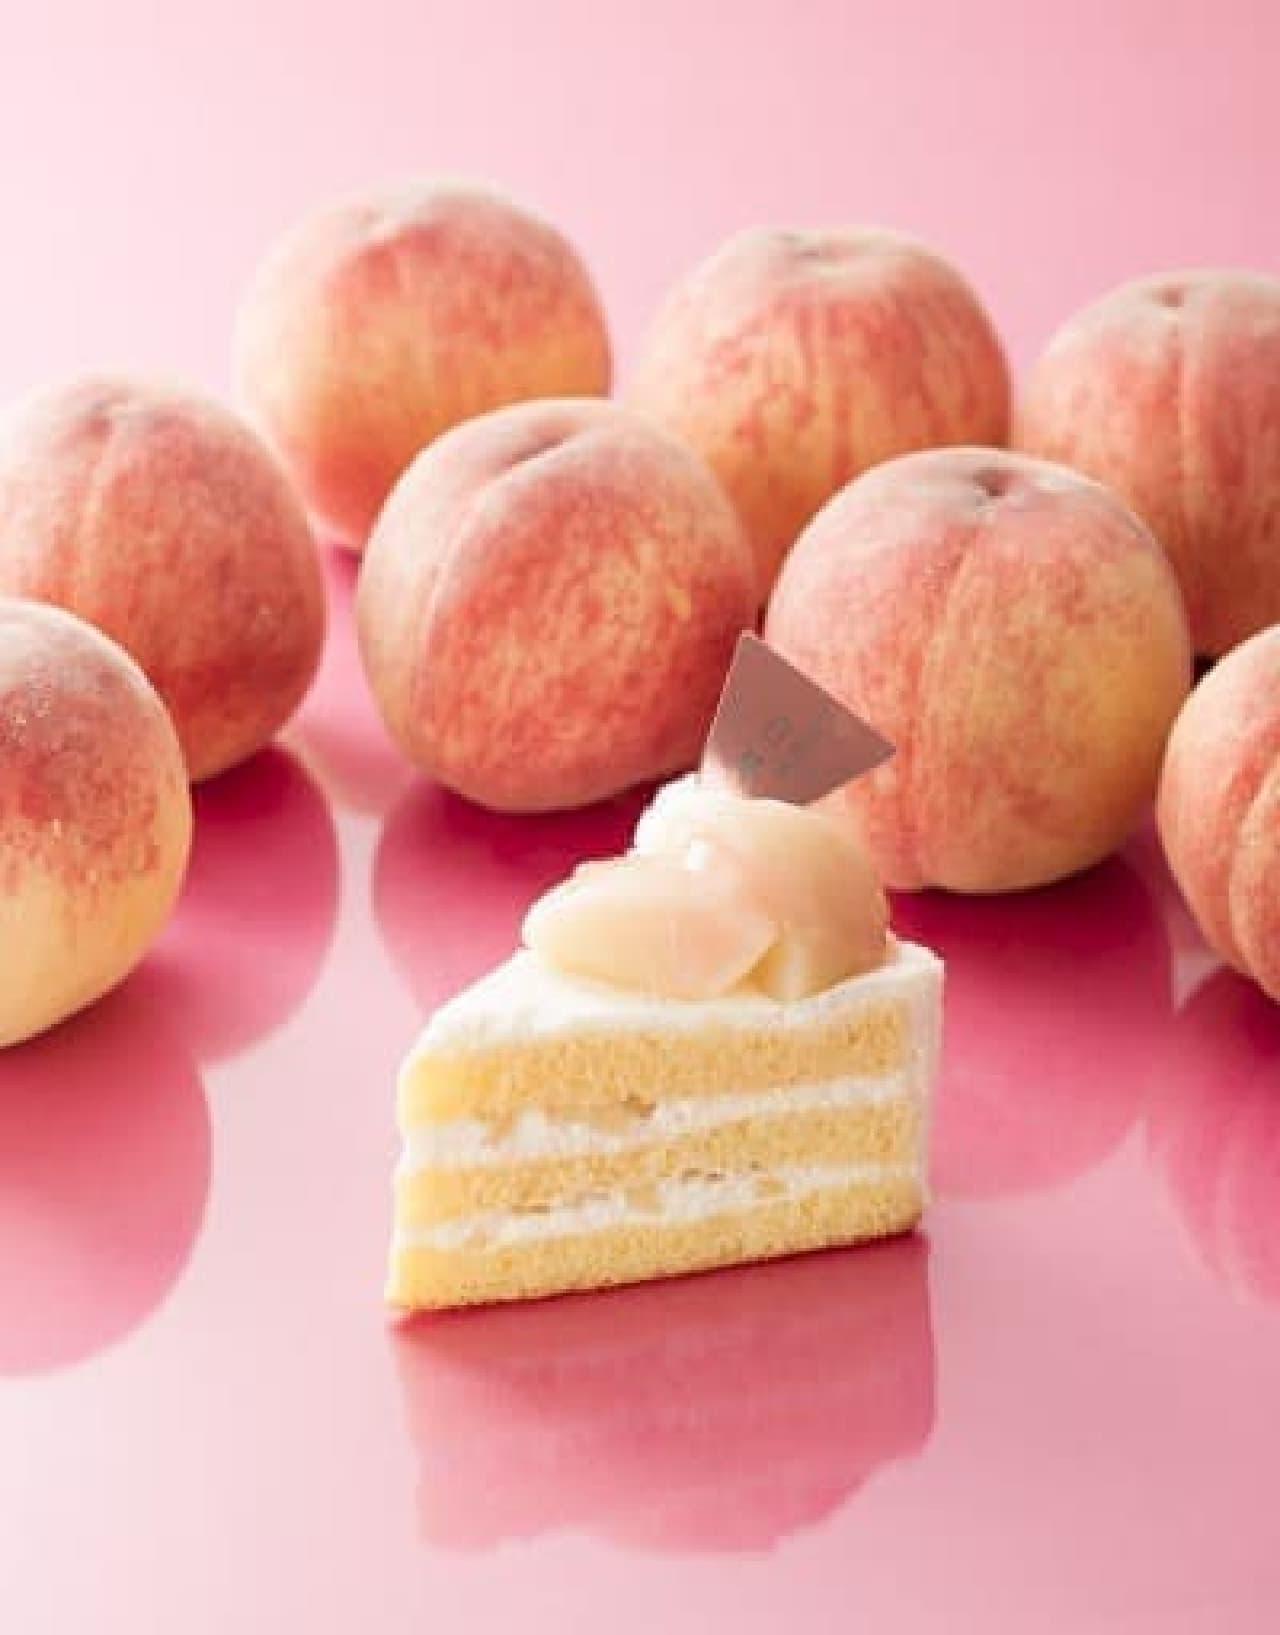 シャトレーゼ「山梨県産白桃のプレミアムショートケーキ」